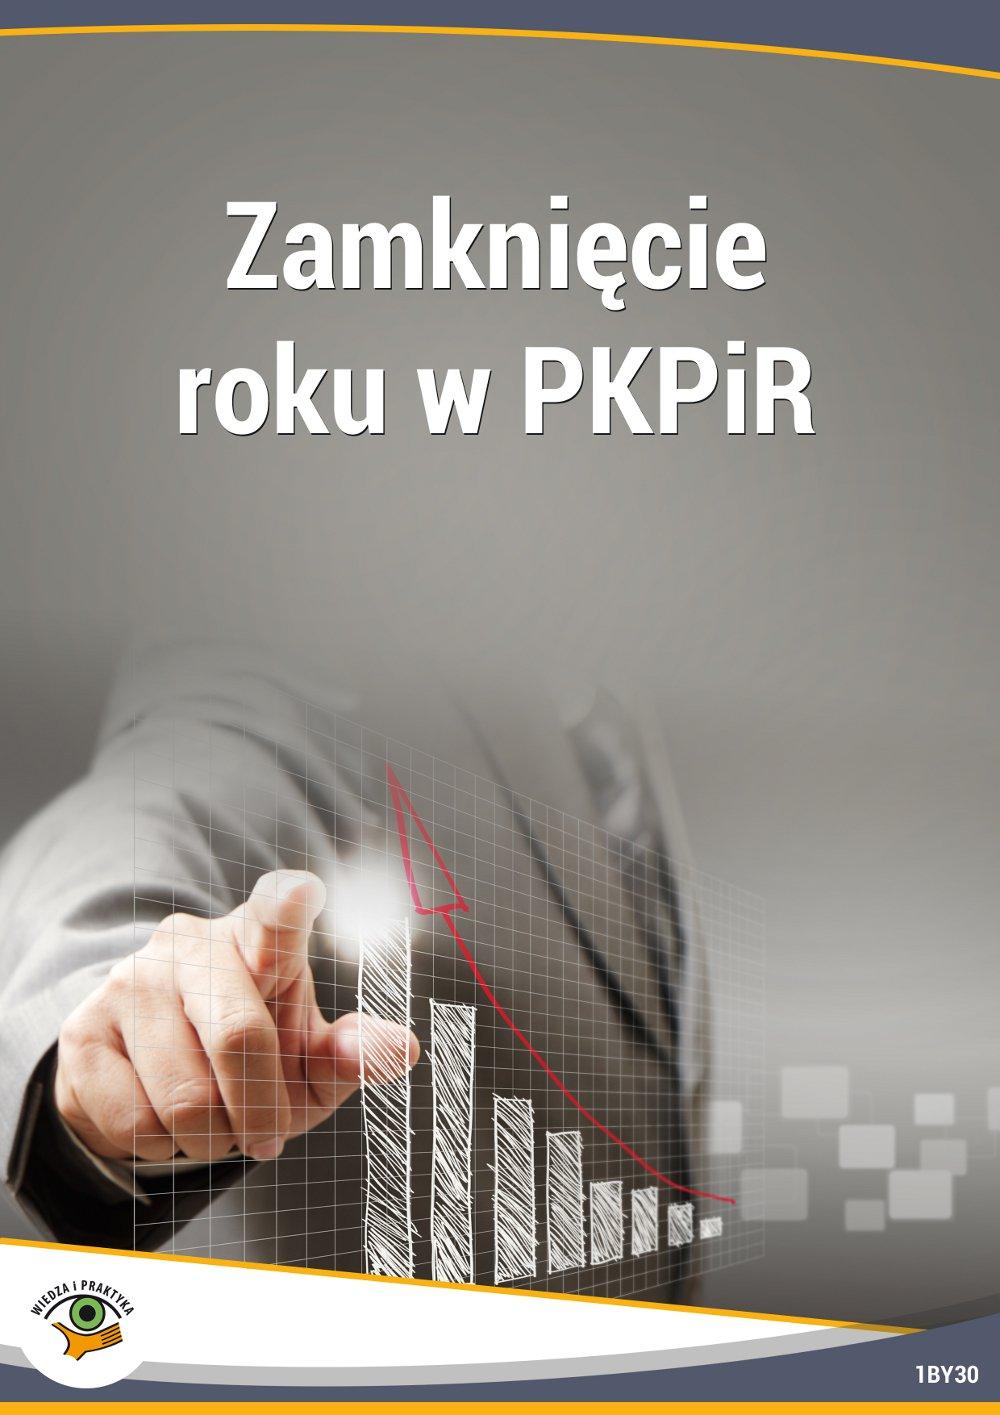 Zamknięcie roku w PKPiR - Ebook (Książka PDF) do pobrania w formacie PDF